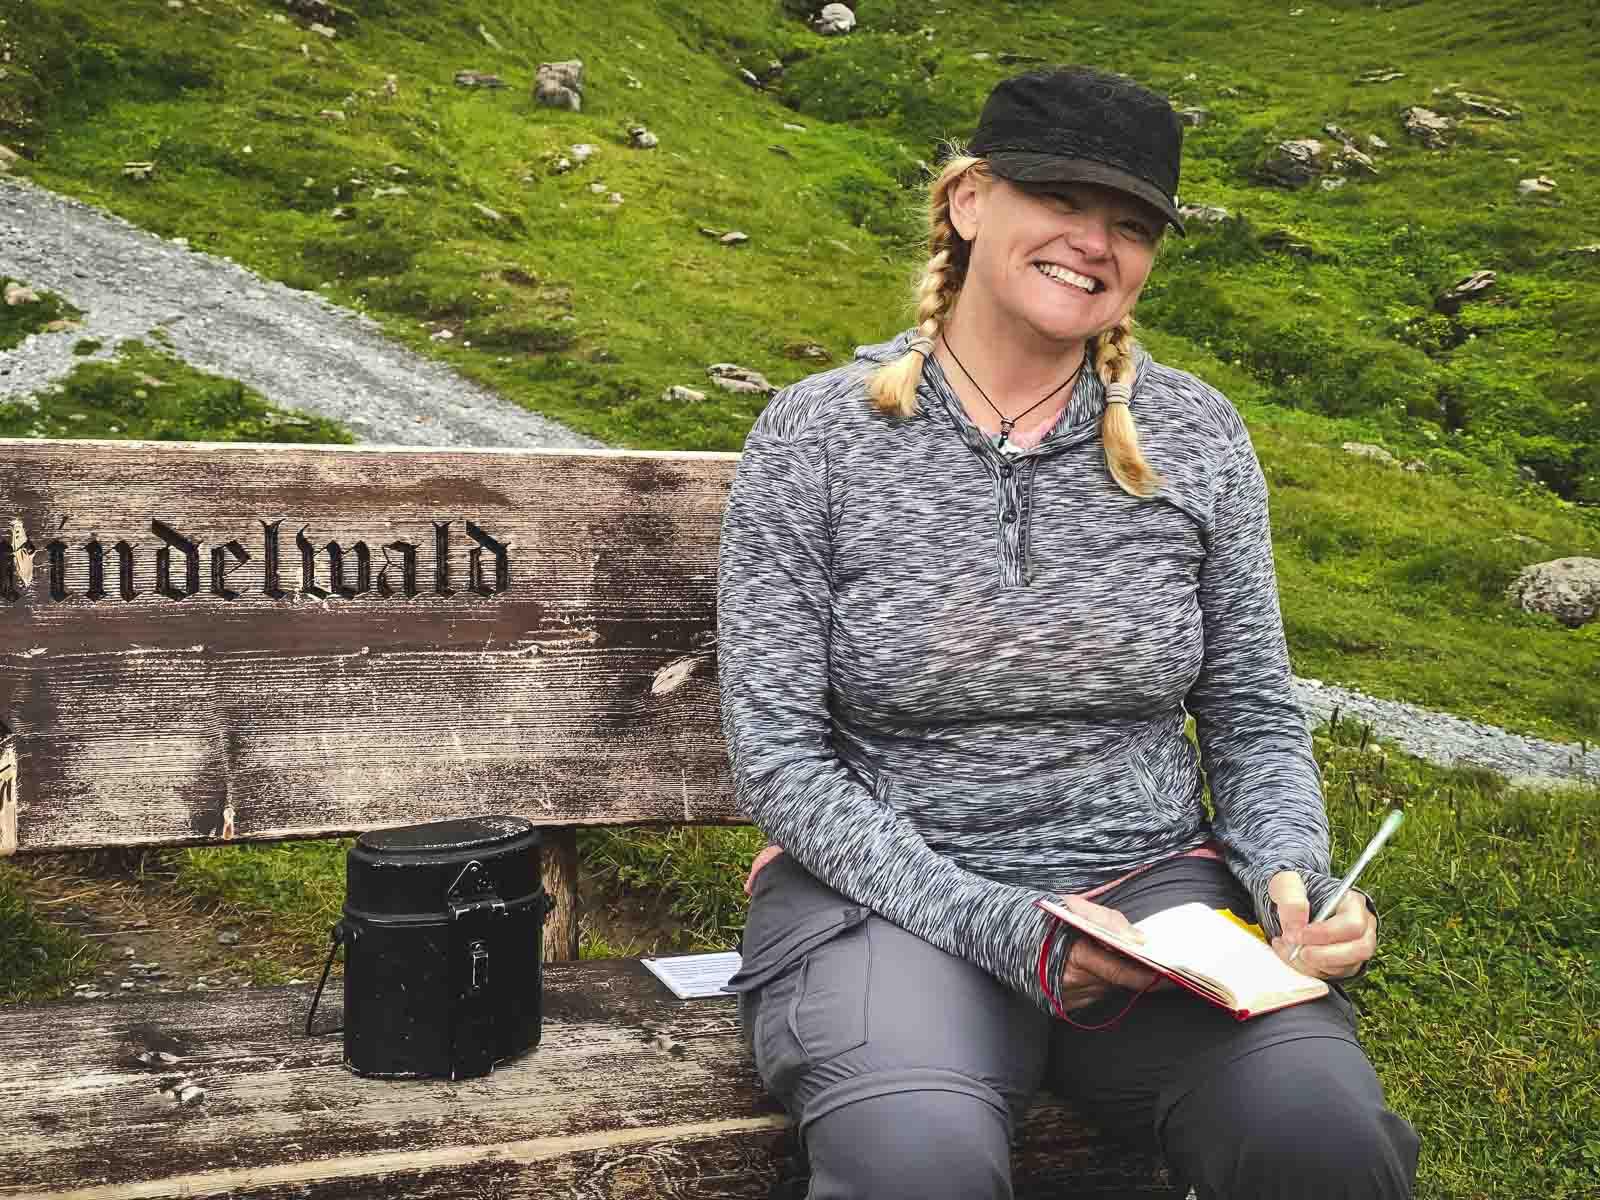 Simones Bench at Lake Balchap on Grindelwald First